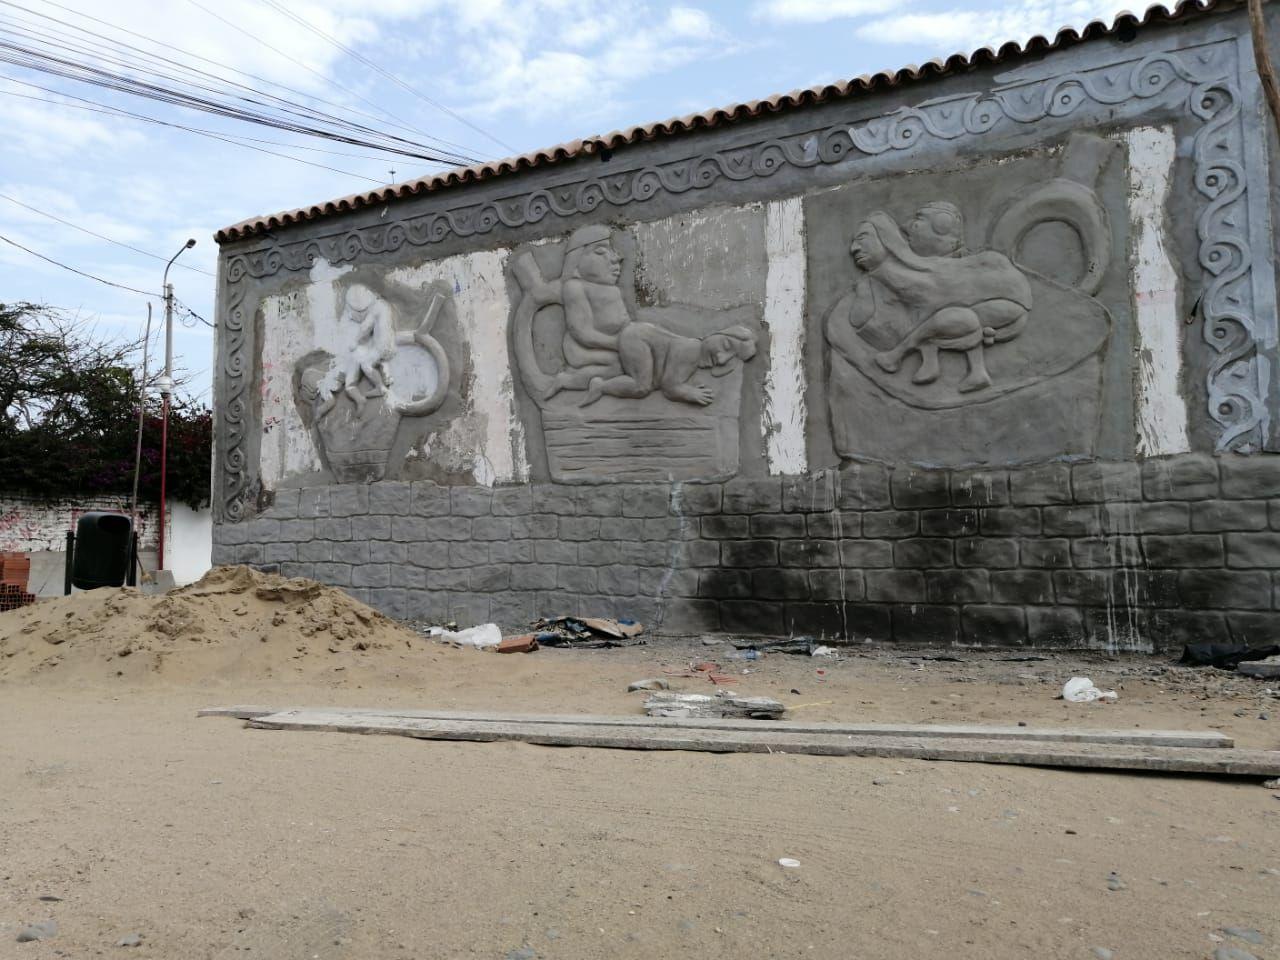 """No obstante, el autor del mural ha dicho que, si su arte es visto como algo """"morboso"""", puede realizar modificaciones."""